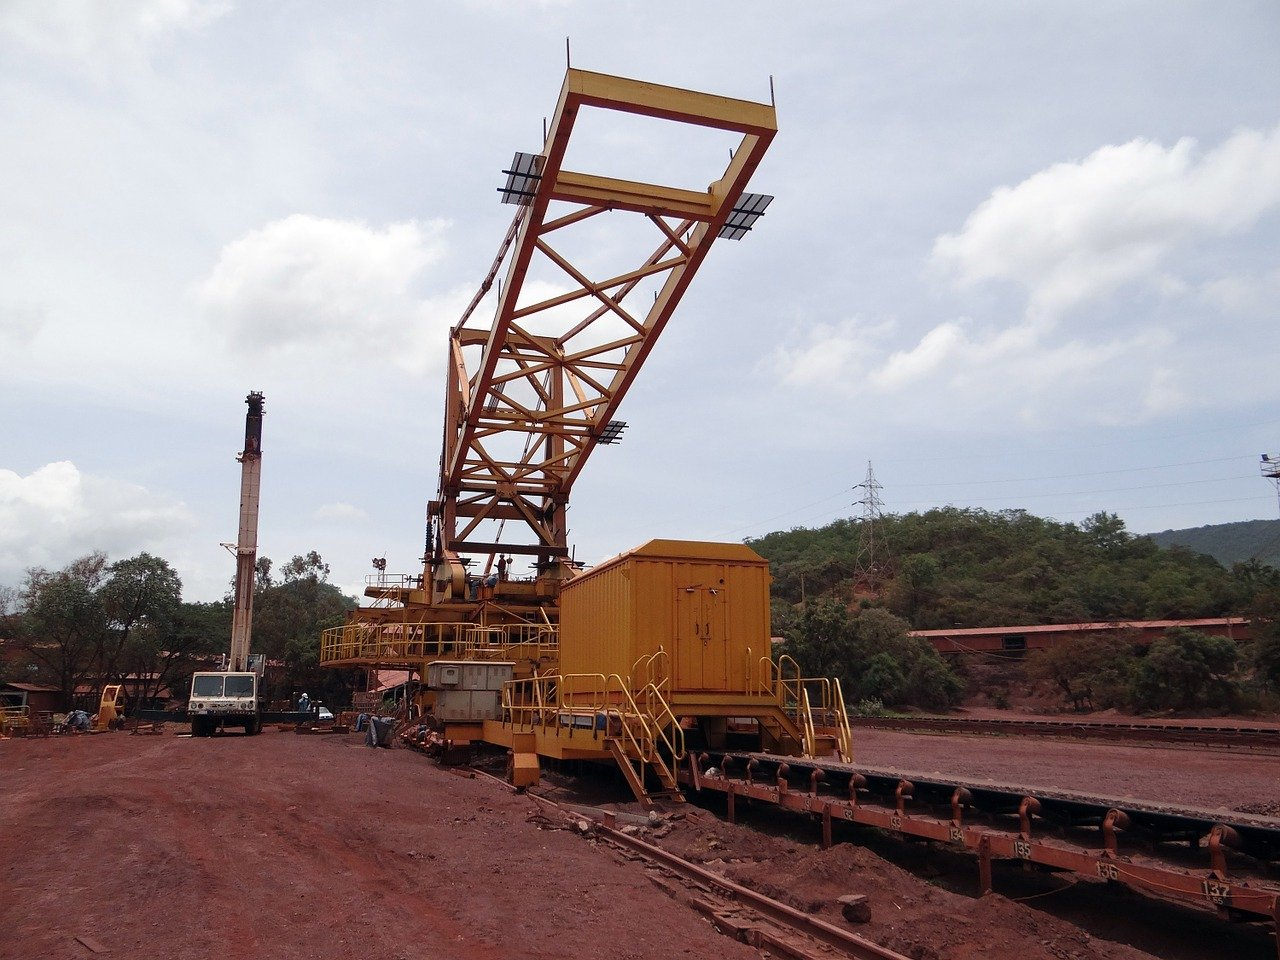 FMG iron ore shipments decline in third quarter